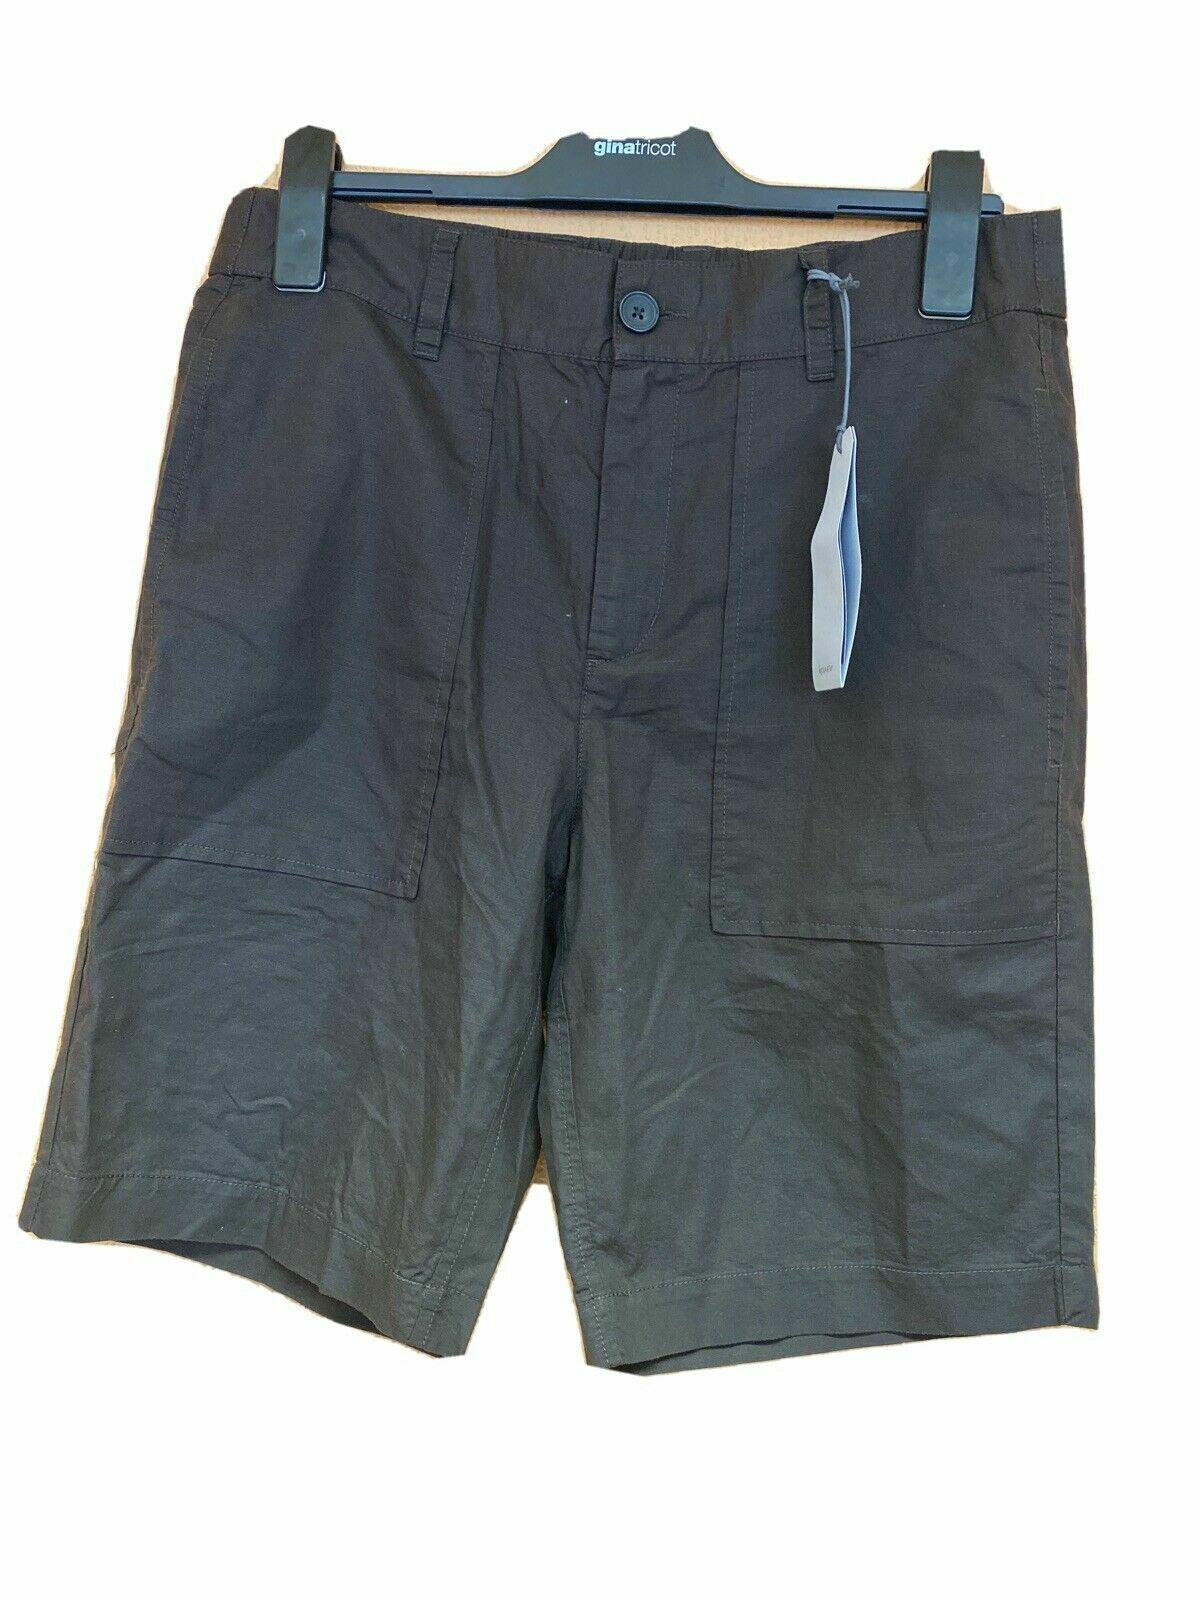 Hess Natur Shorts Damen kurze Hose Braun Gr.48 Neu mit Etikett